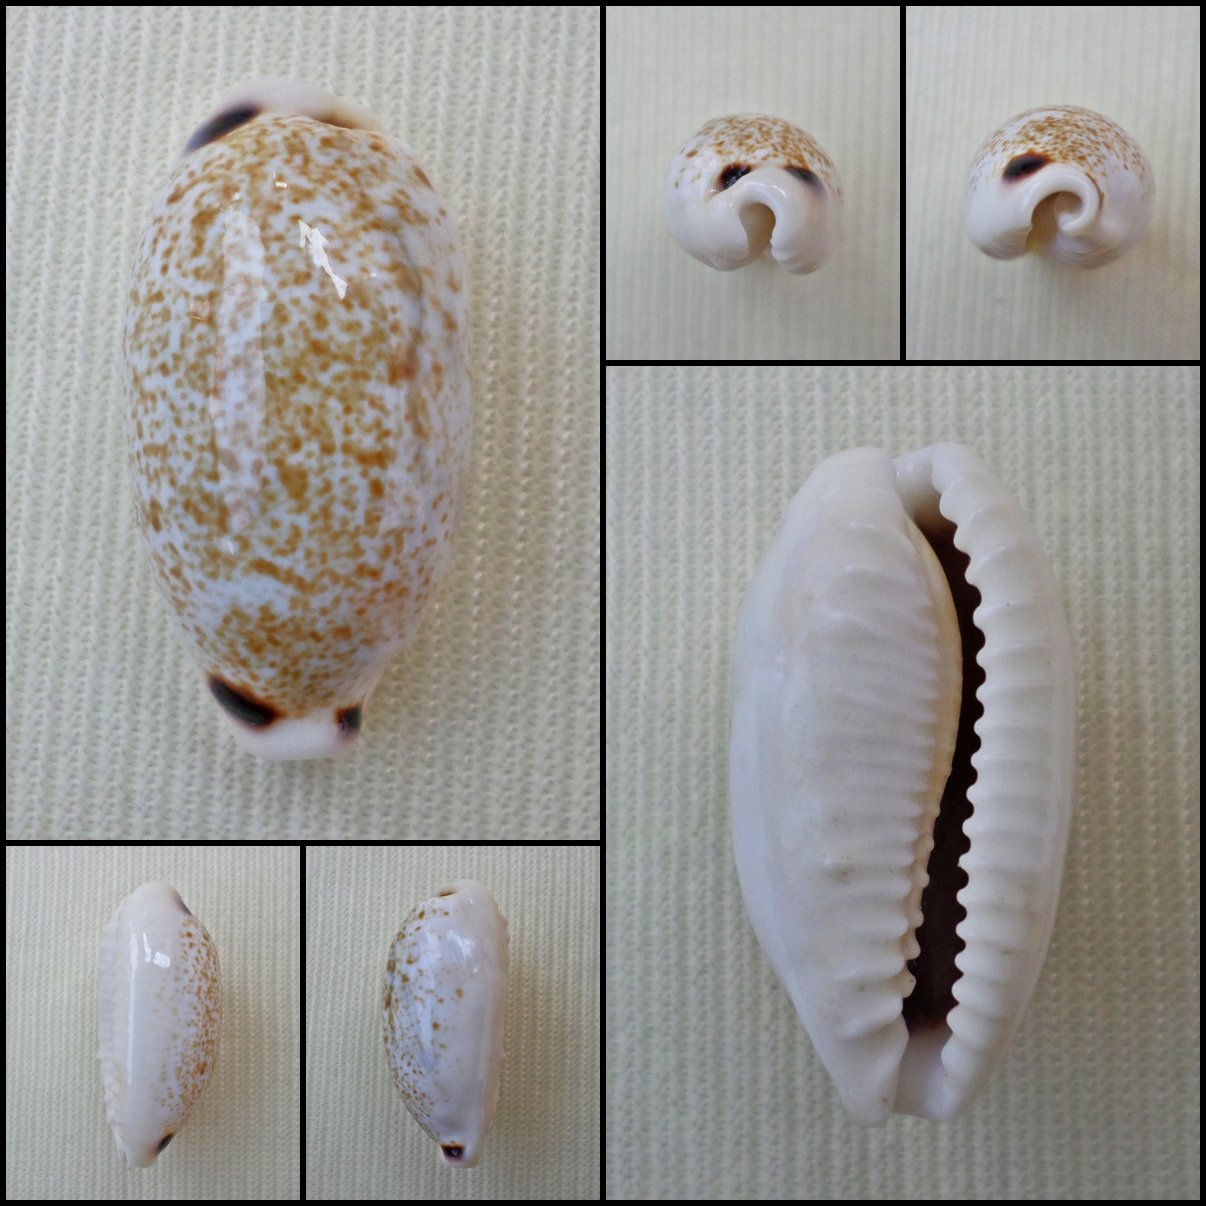 BFA05 - Eclogavena quadrimaculata 21.71mm